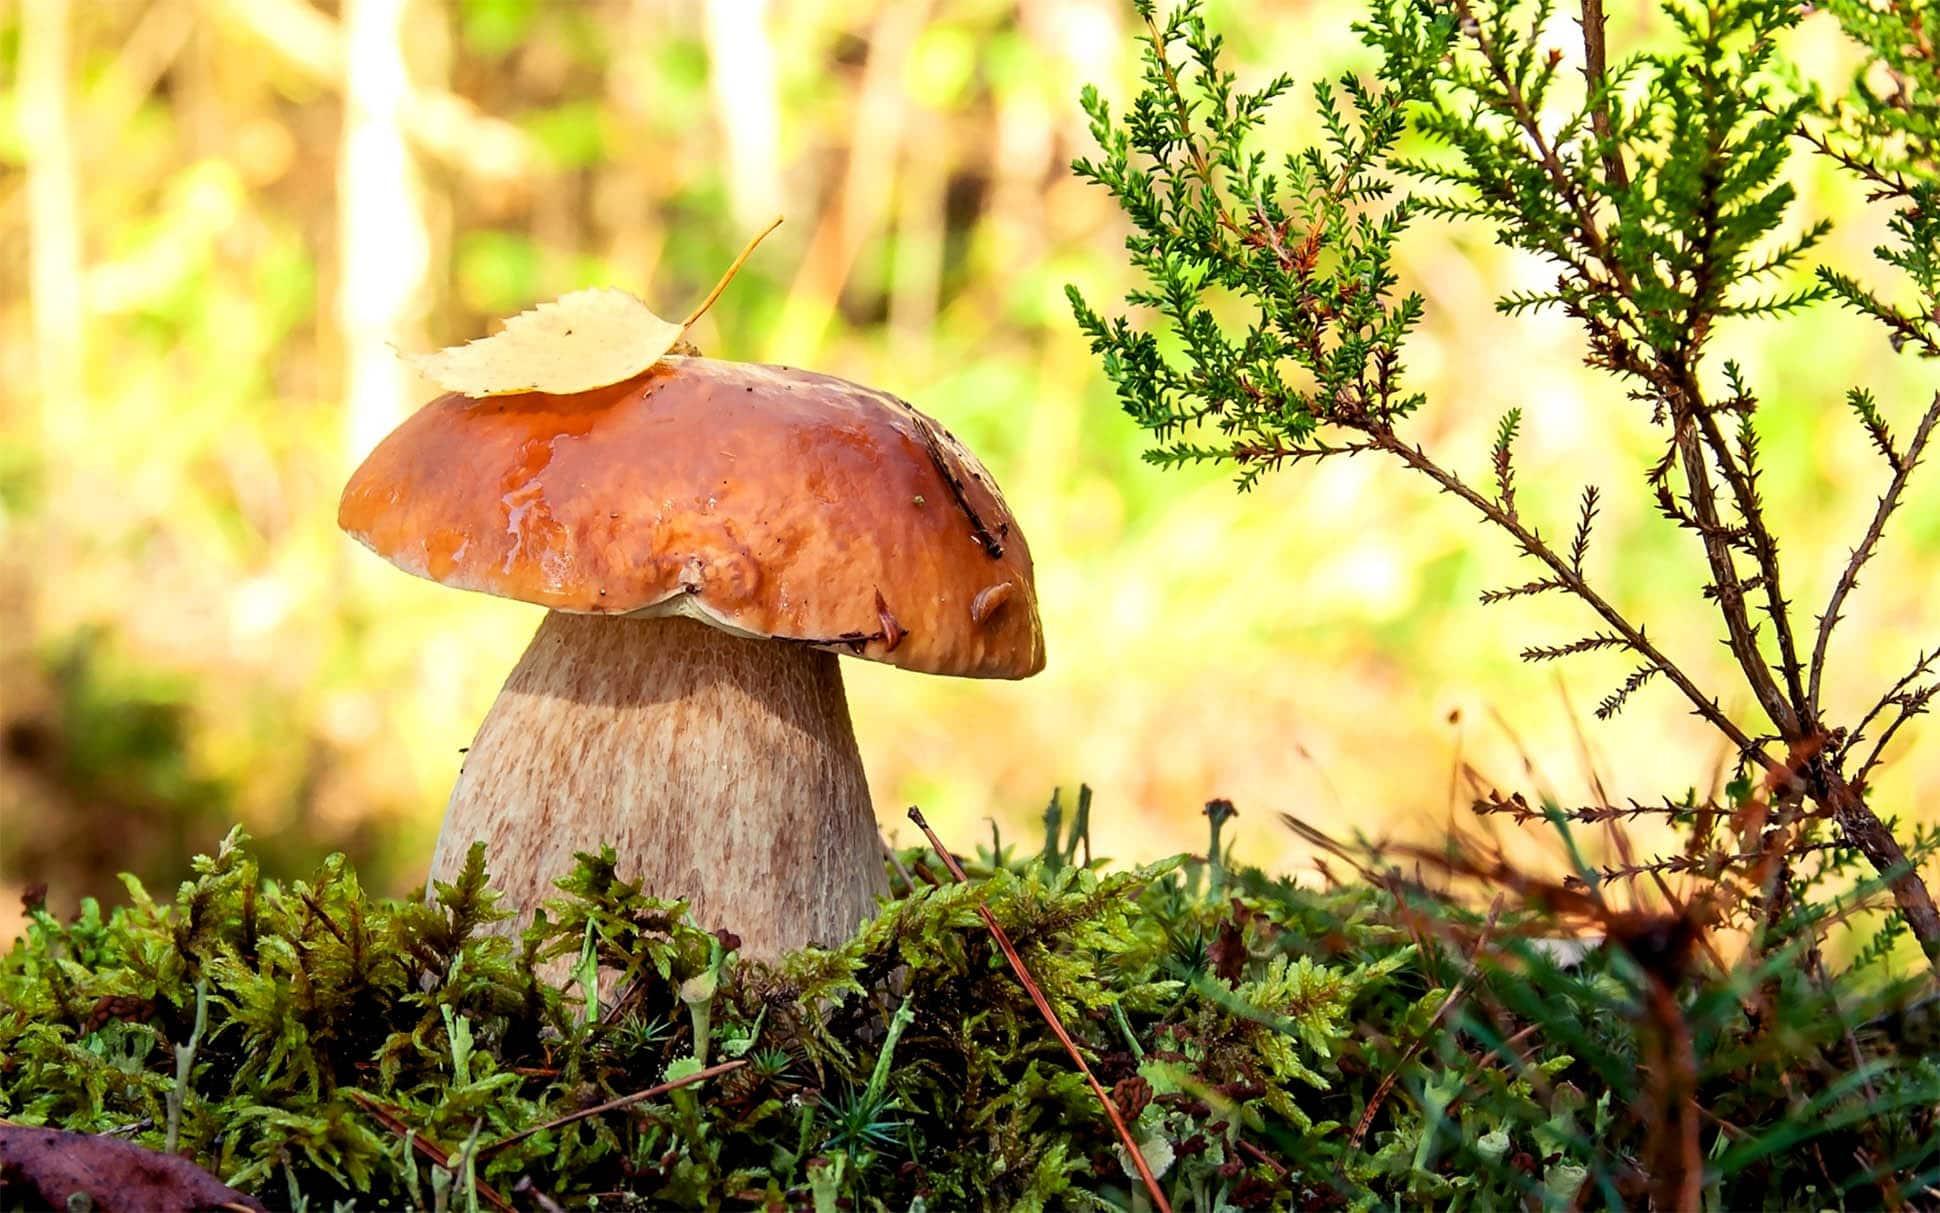 Белый гриб: описание, как выглядит, где растет, разновидности, фото и видео